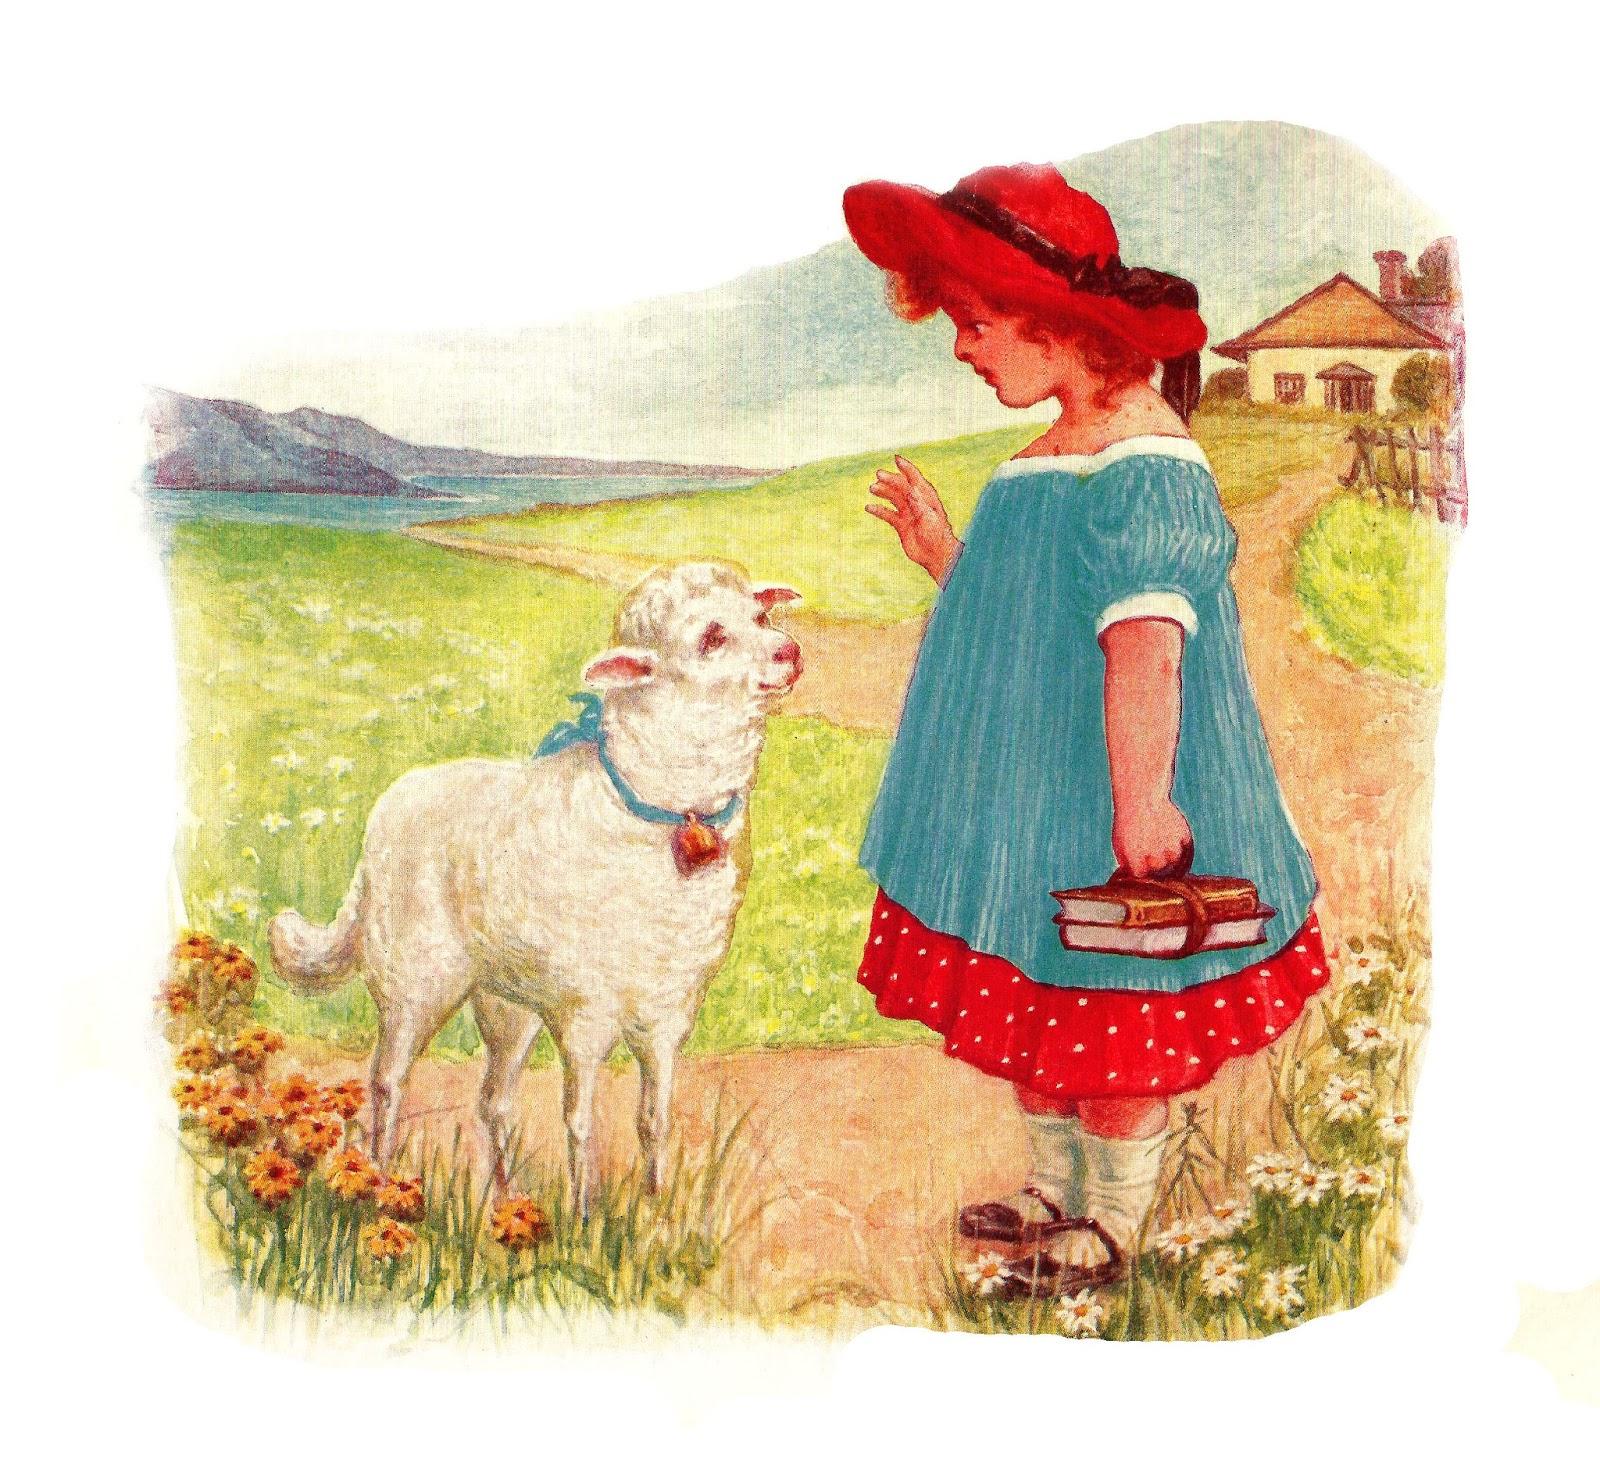 Antique Images Children Storybook Printables Digital